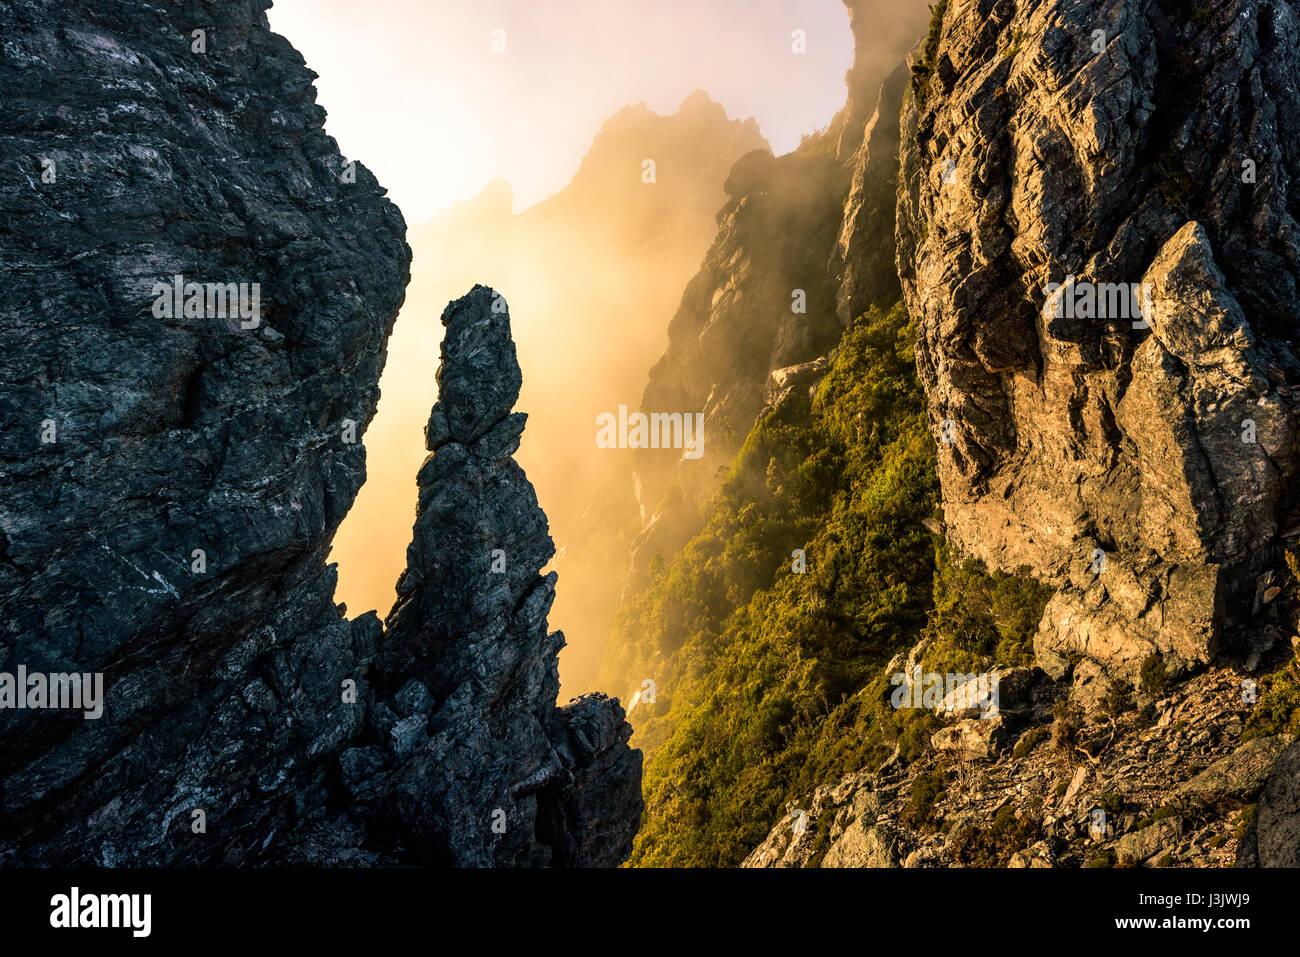 Mount Hayes in Western Arthur's Range, Southwest Tasmania - Stock Image